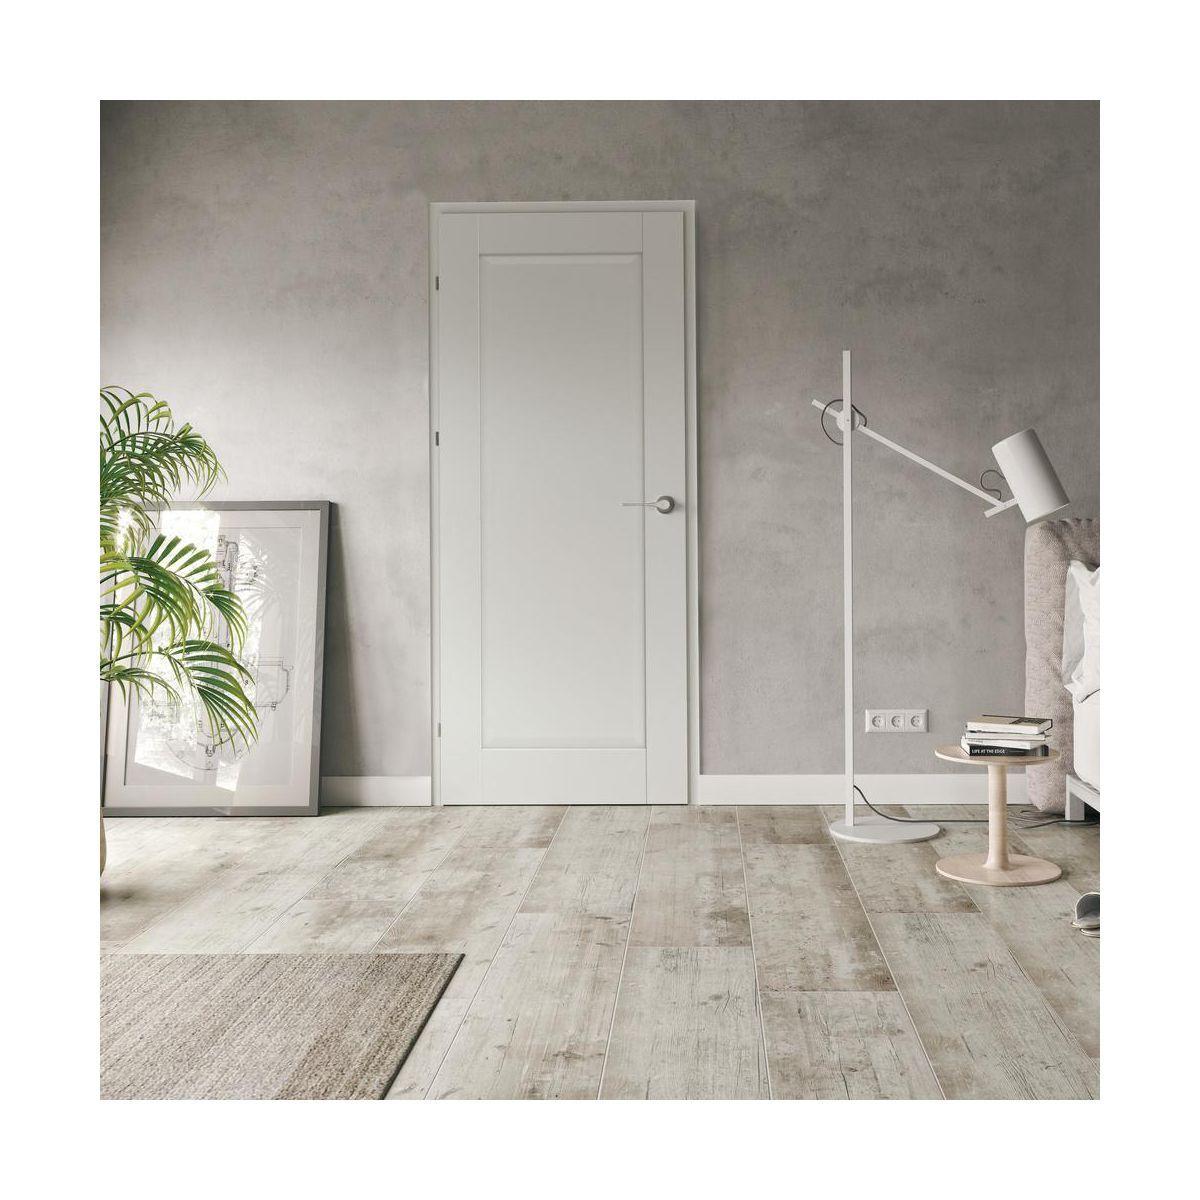 Skrzydlo Drzwiowe Kofano Biale 80 Prawe Classen Drzwi Wewnetrzne W Atrakcyjnej Cenie W Sklepach Leroy Merlin Flooring Decor Home Decor